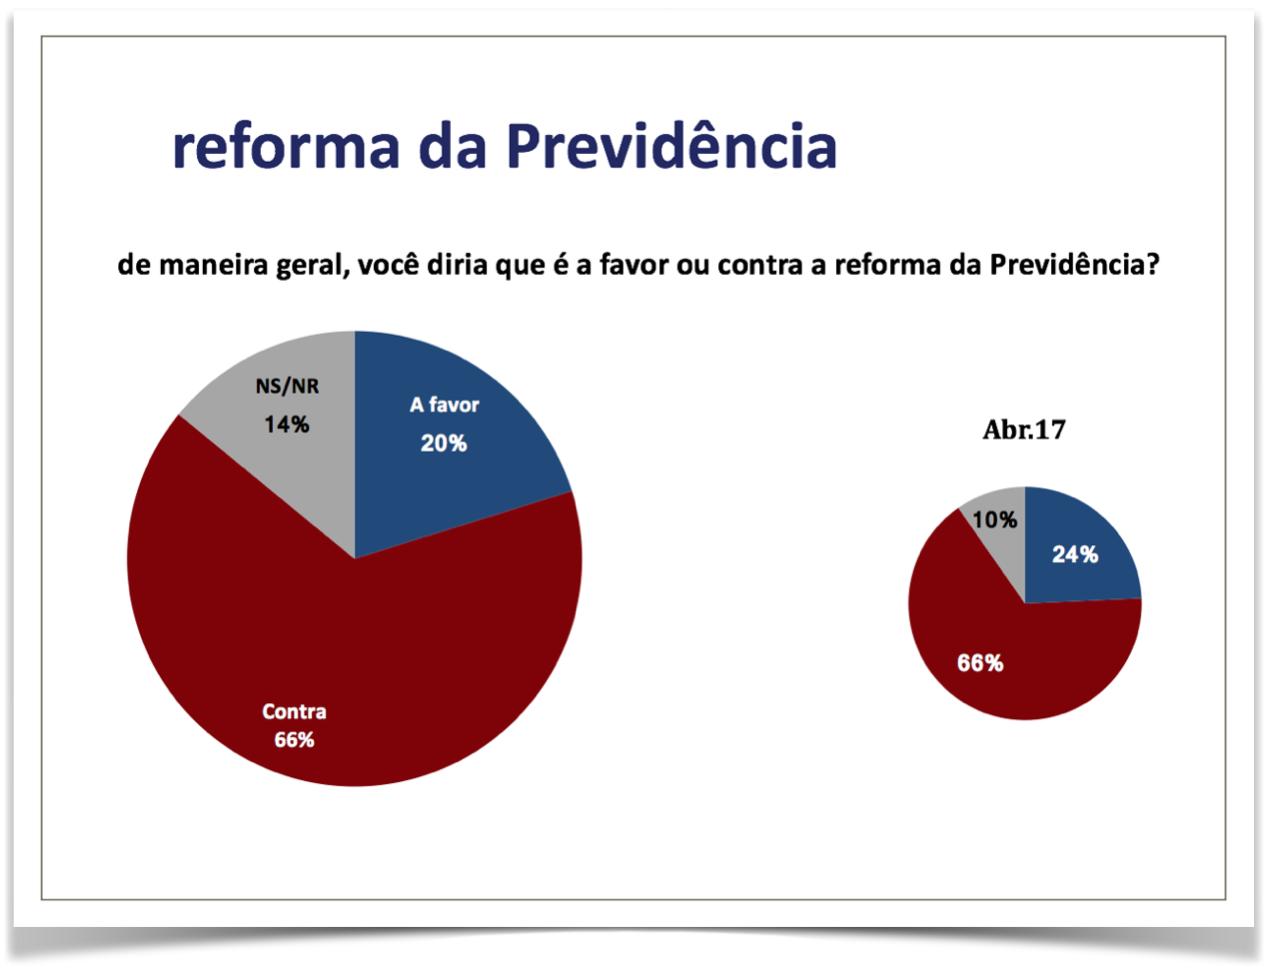 Maioria rejeita reformas da Previdência e trabalhista; 41% fariam greve